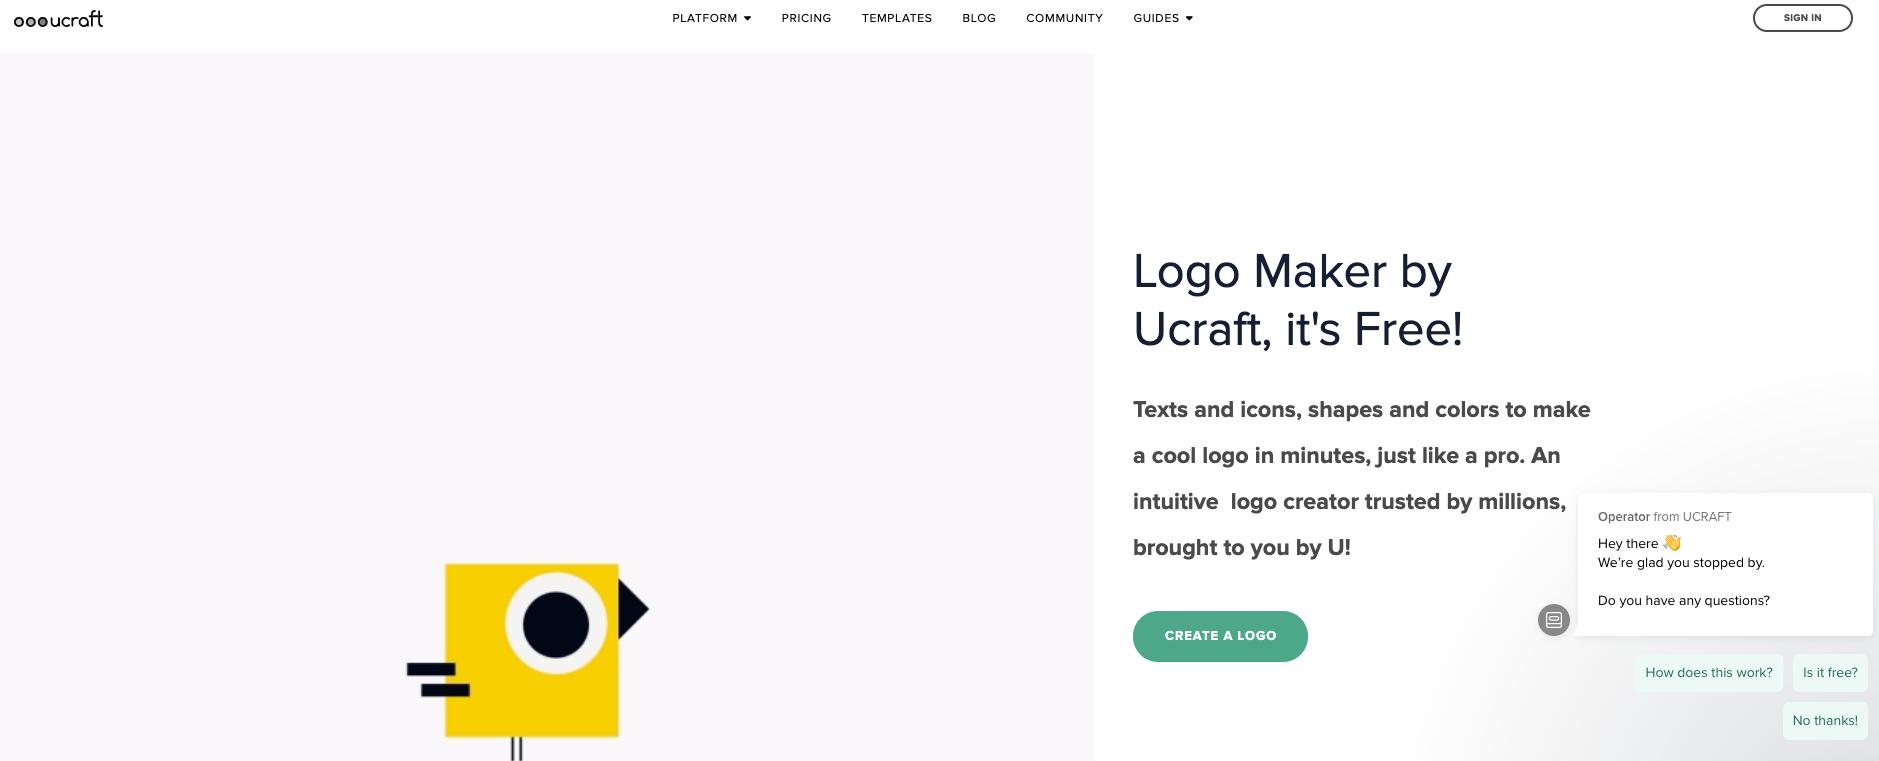 ucraft outil de création de logo